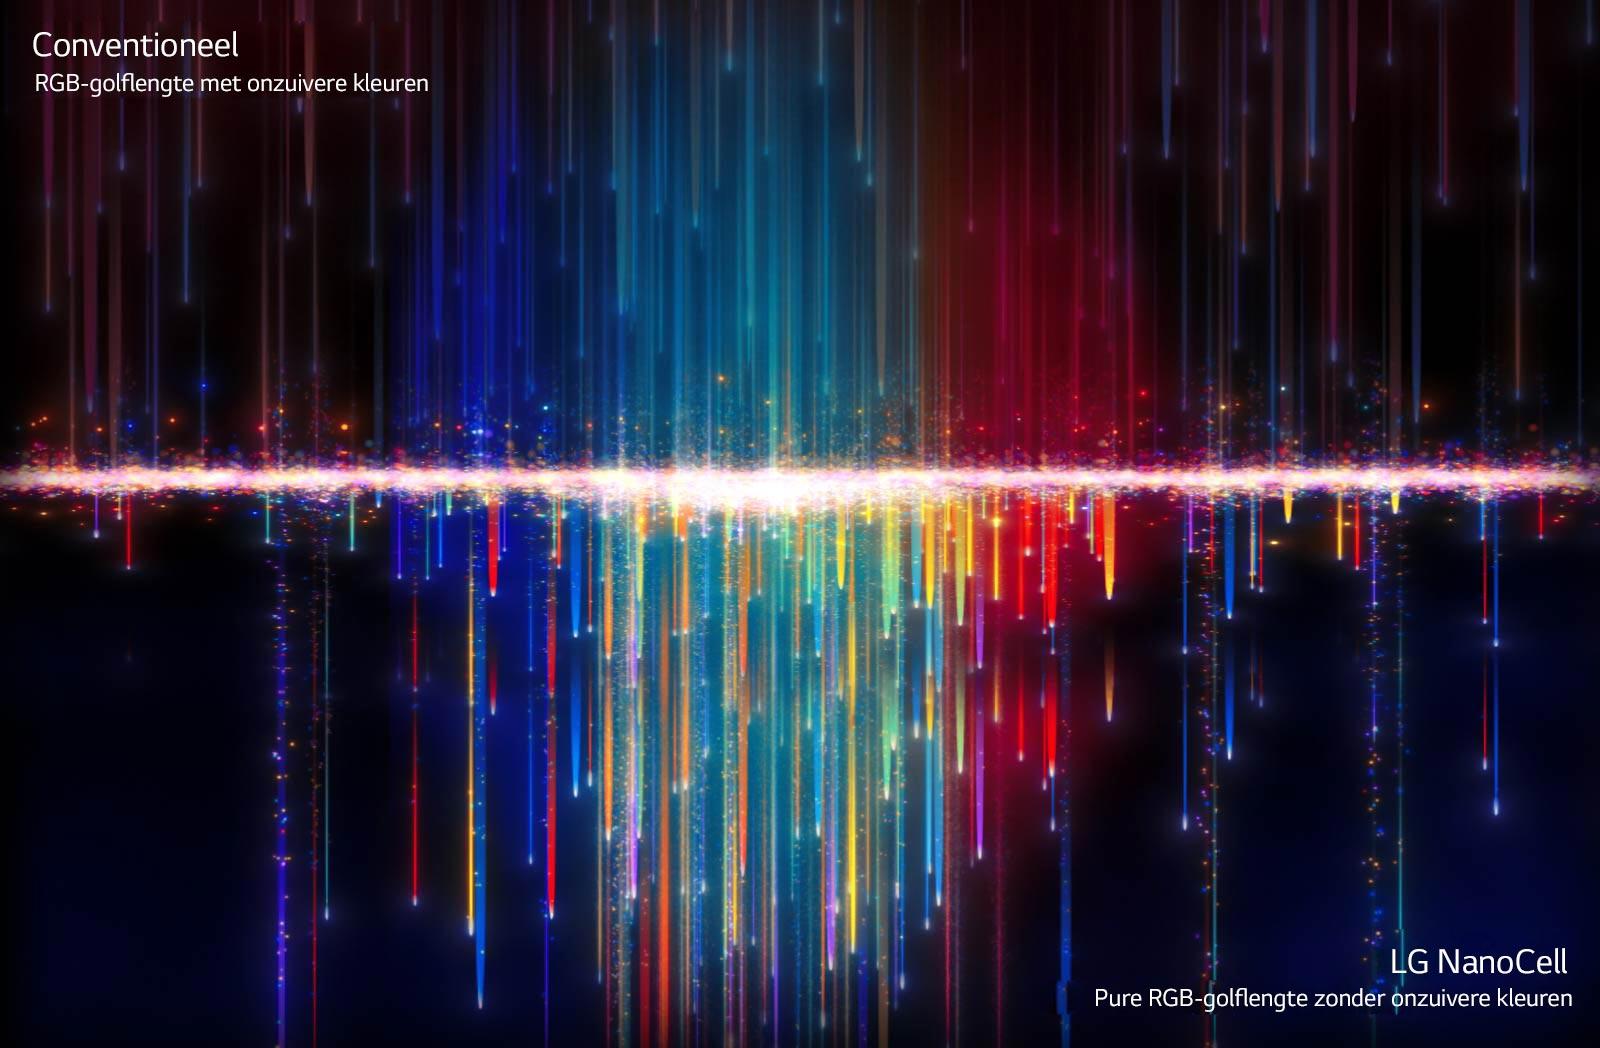 Onzuivere kleuren zoals te zien op een conventionele tv (bovenbeeld) gaan door NanoCell-filters om zuivere kleuren te creëren (onderste beeld, speel de video af).